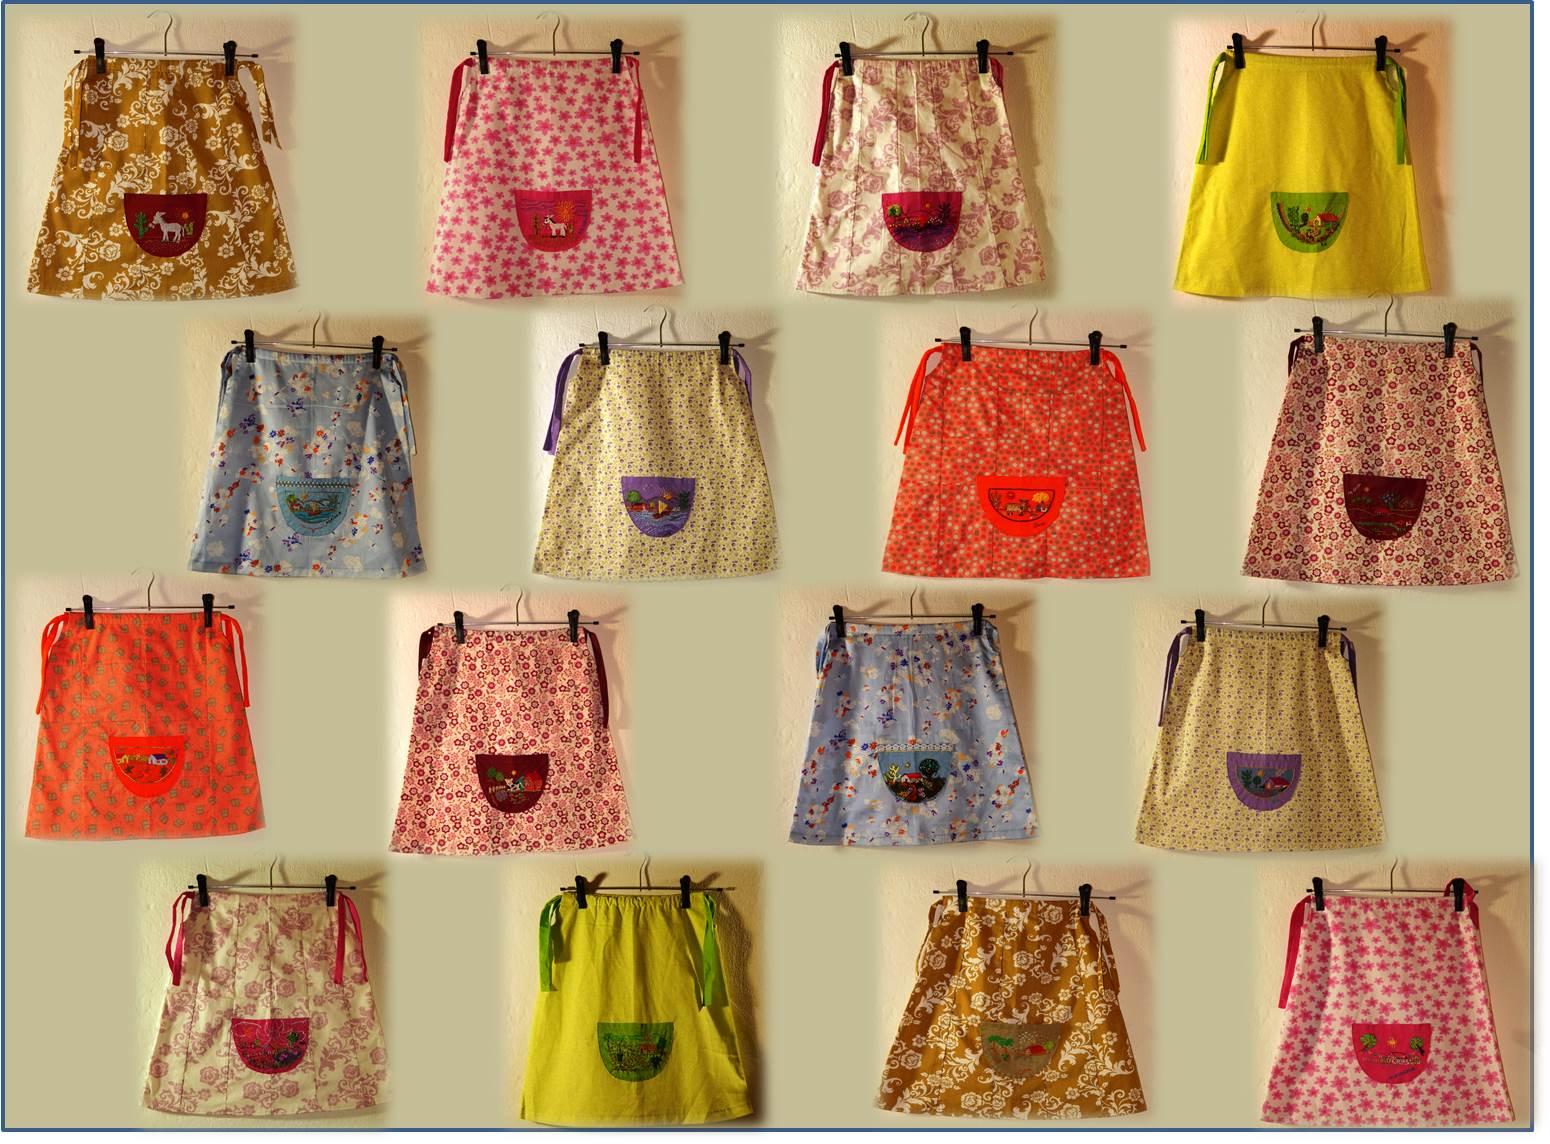 Vestidos confeccionaods e bordados pelas bordadeiras do Atelier Bordados Etc e Tal